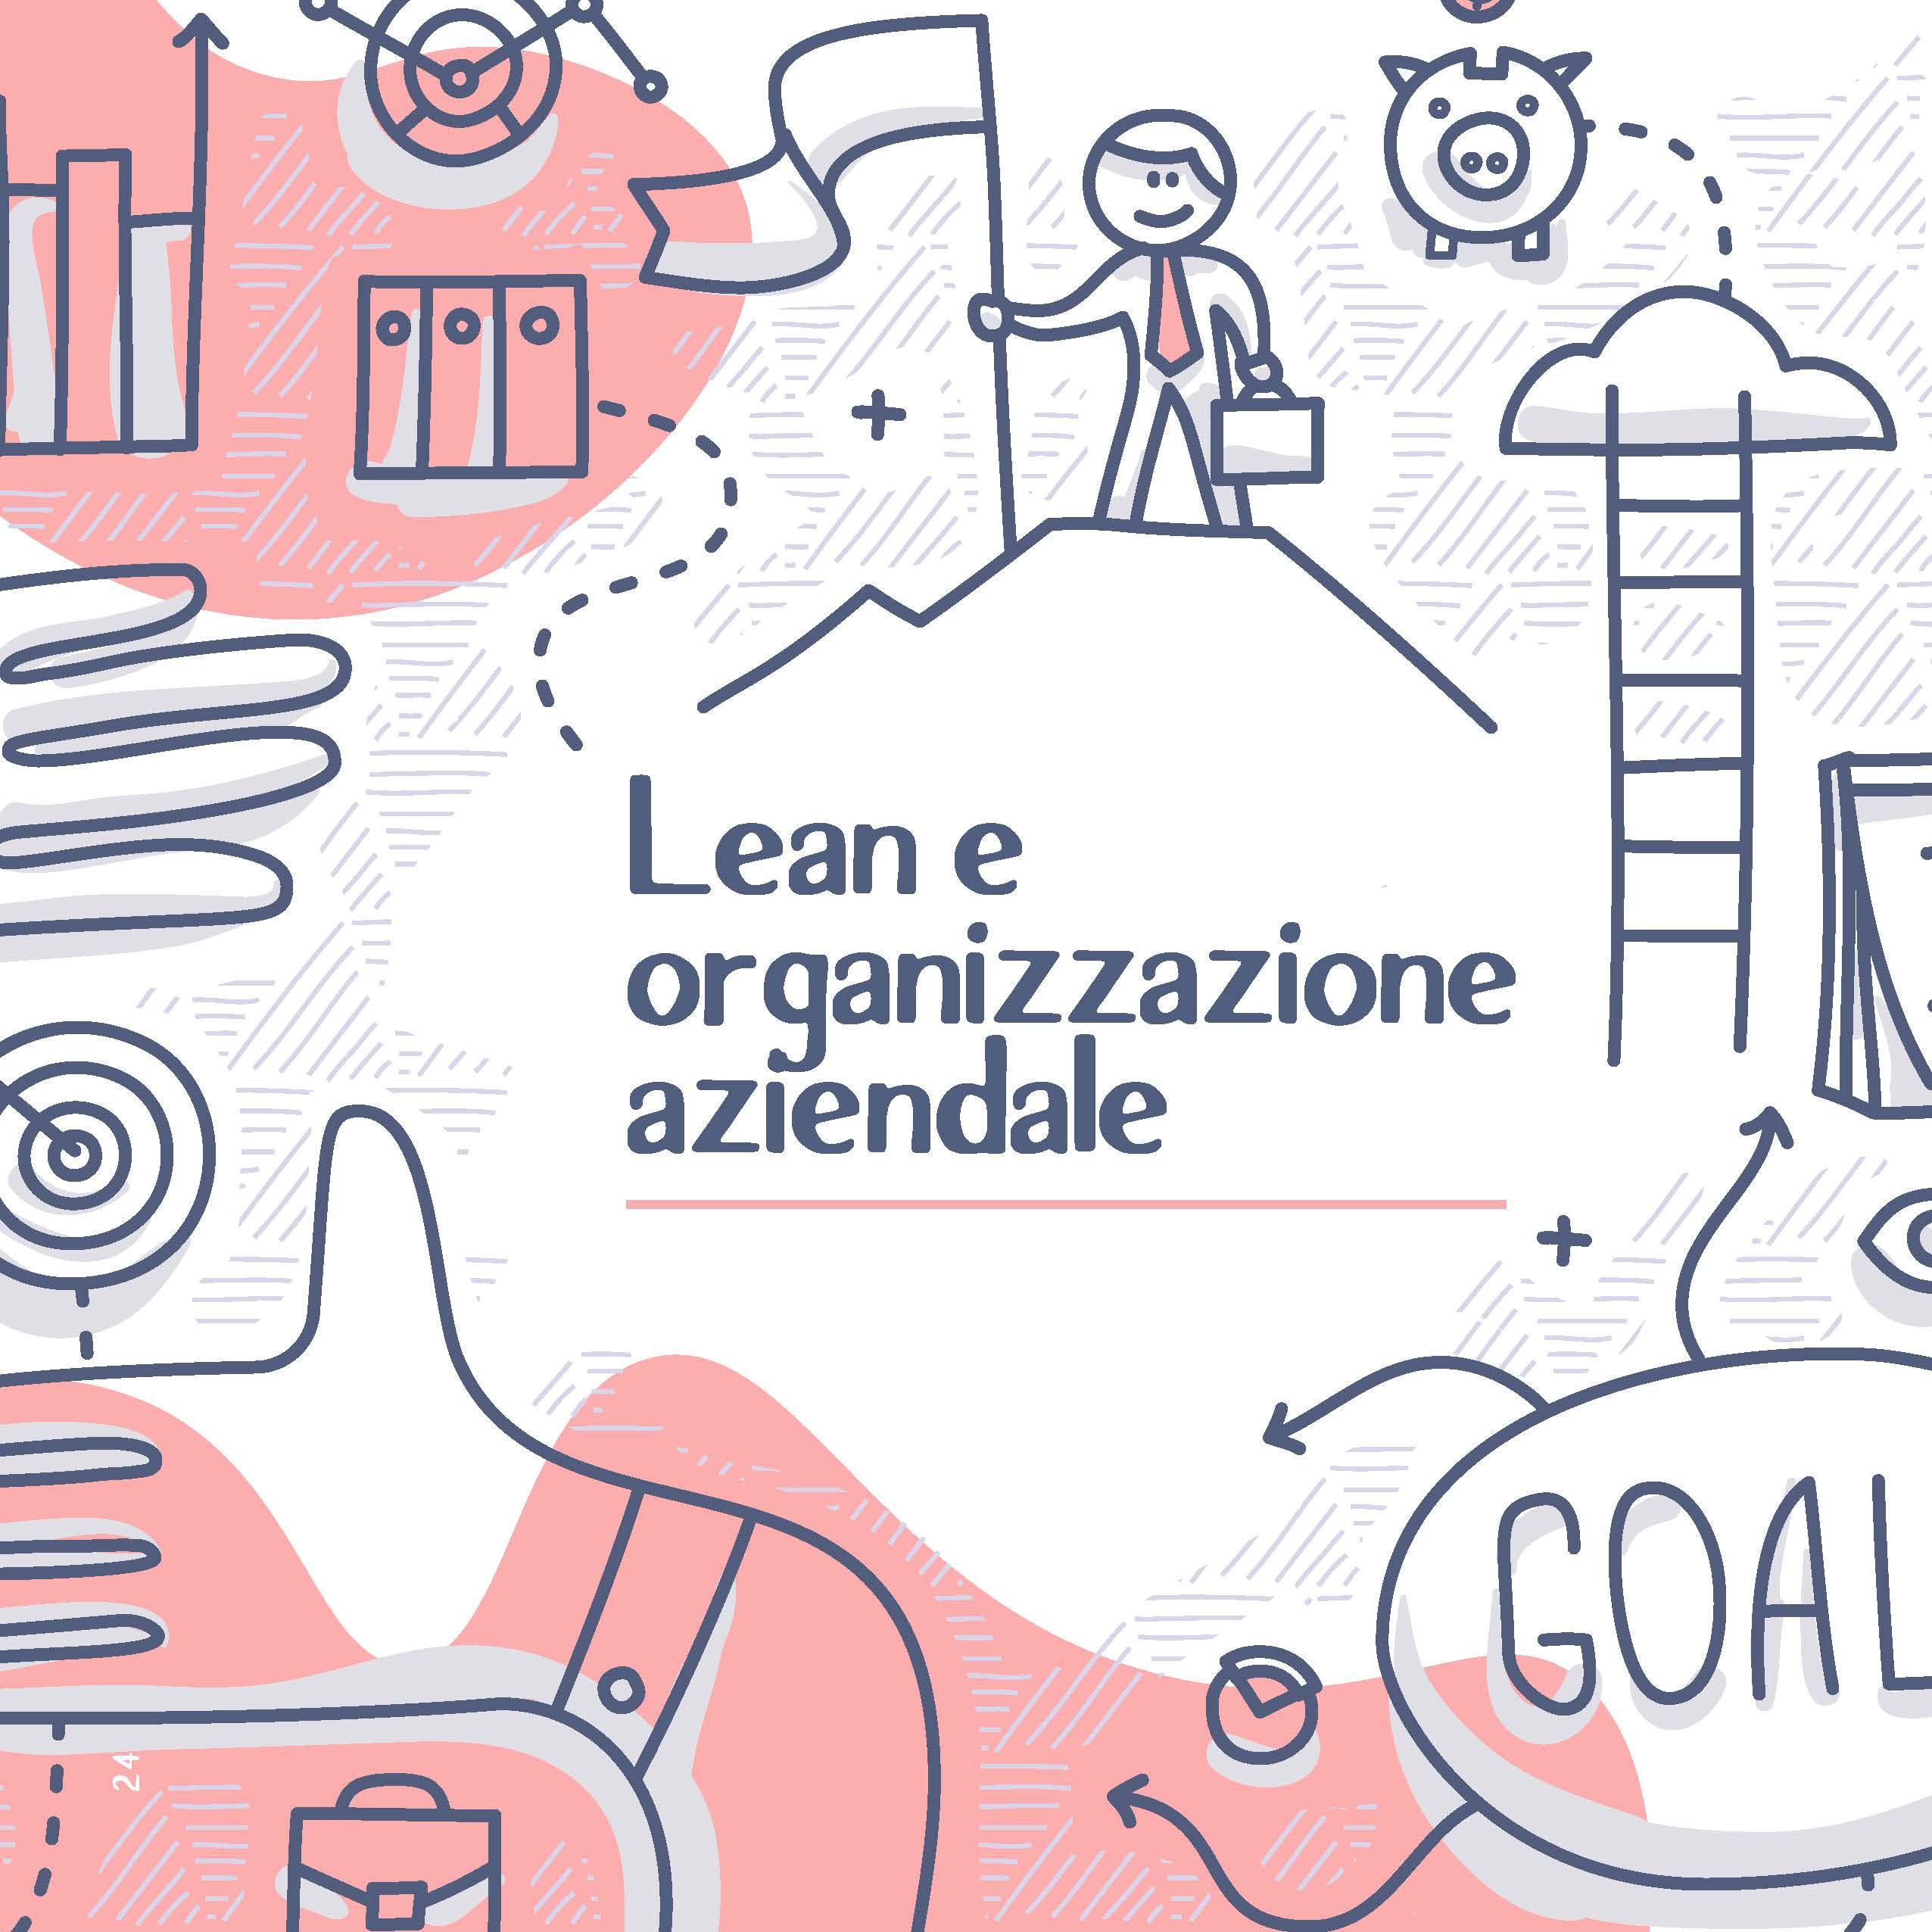 Lean e Organizzazione Aziendale